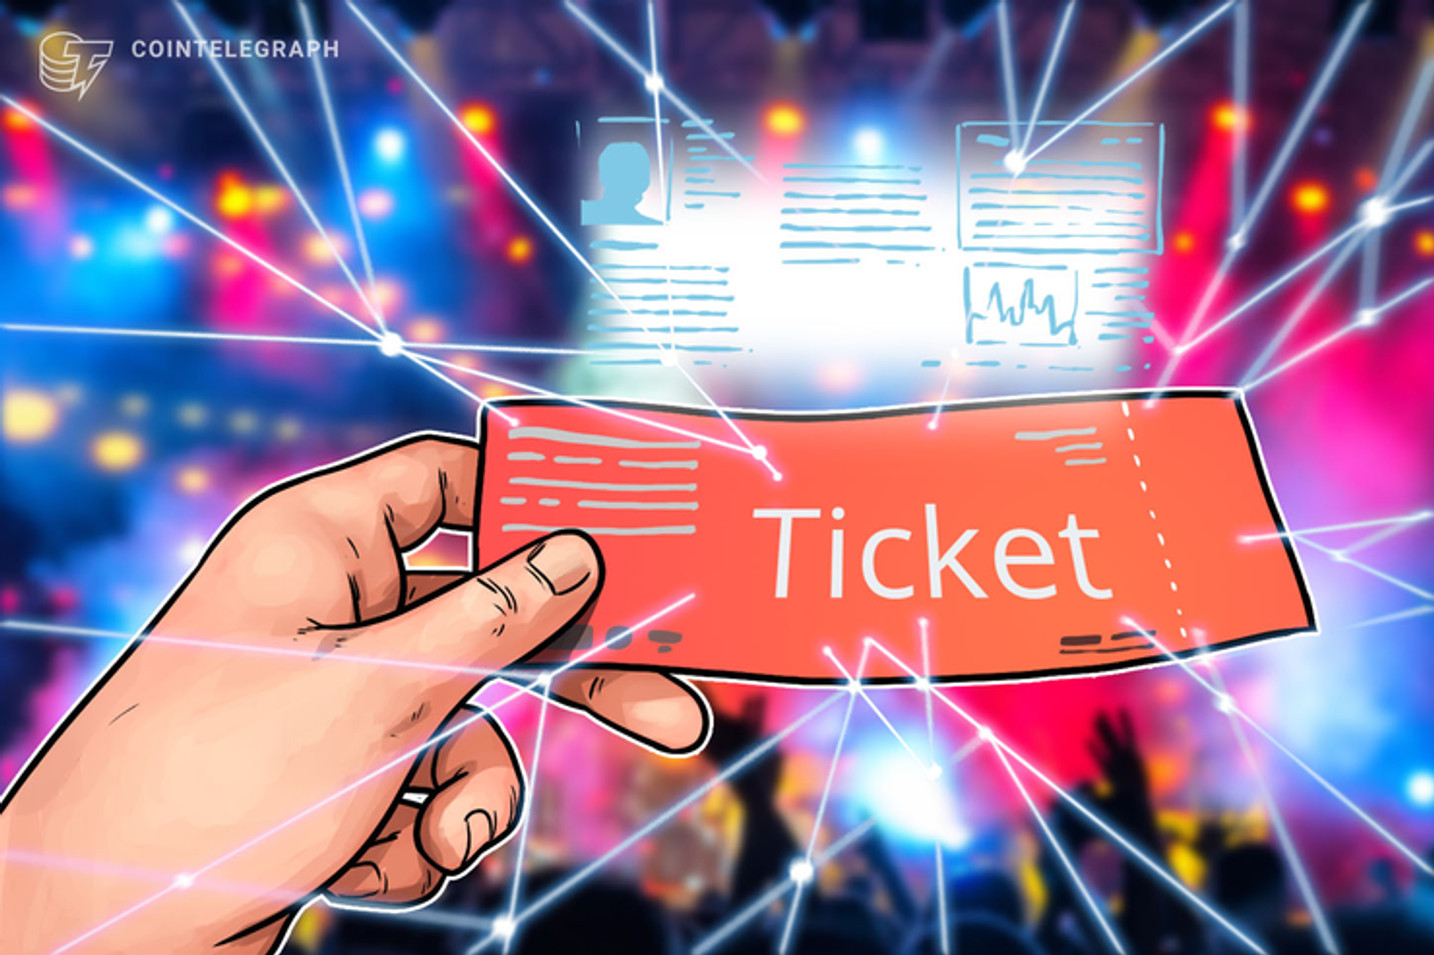 La industria de la boletería se alinea alrededor de la tecnología Blockchain